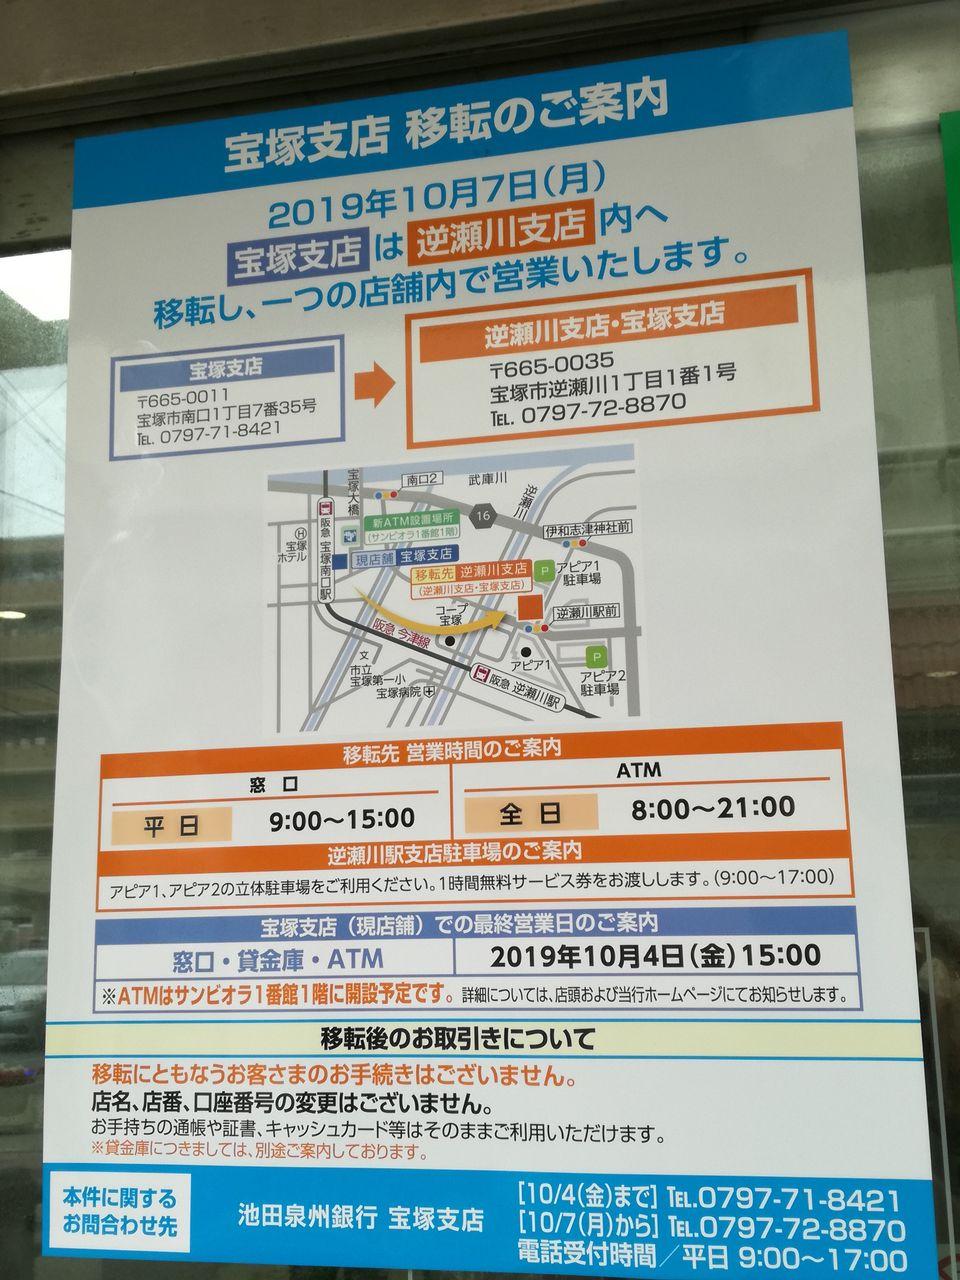 池田 泉州 銀行 atm